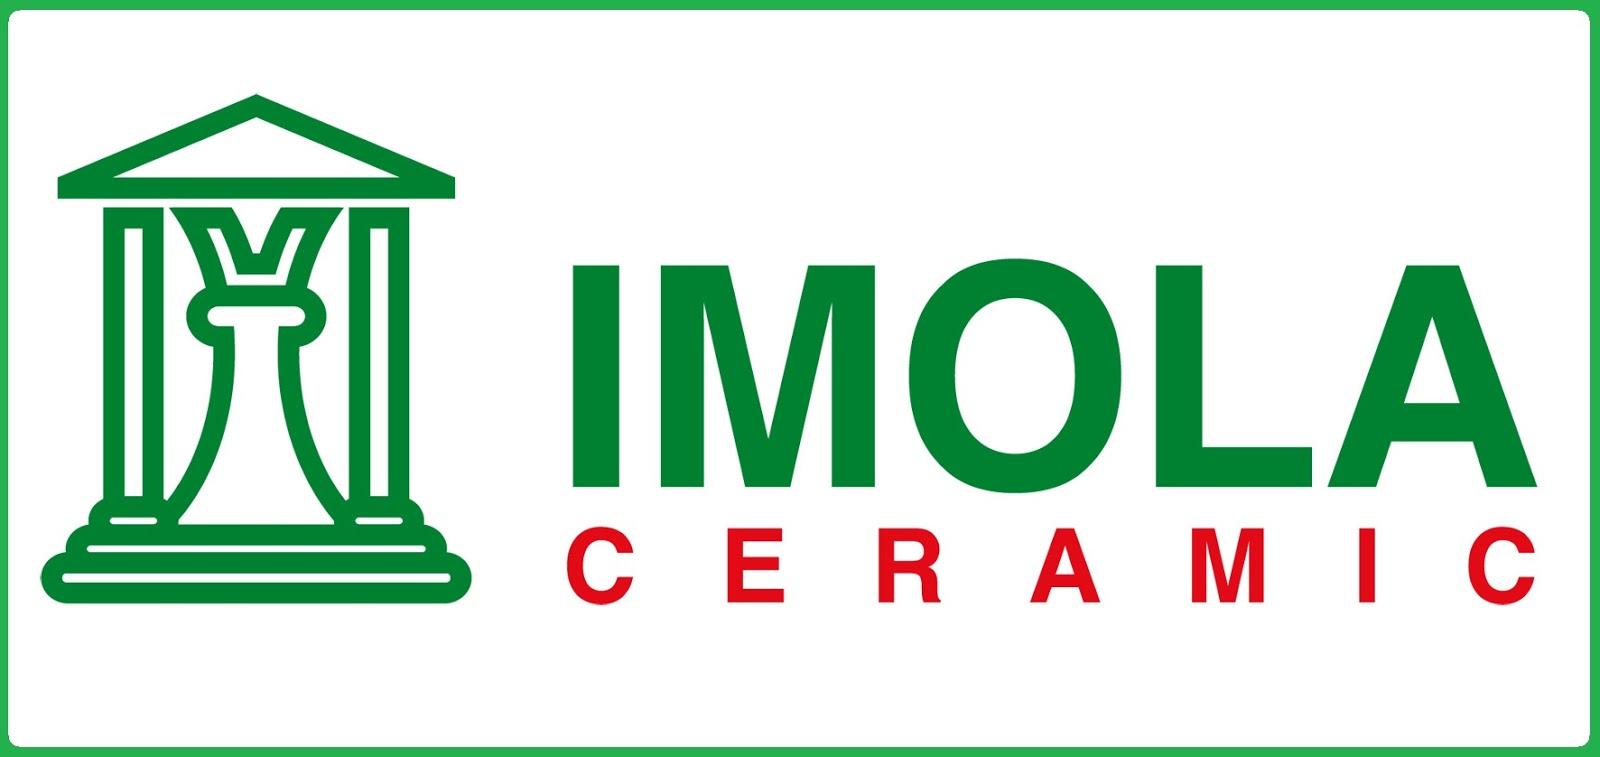 Loker Terbaru di Bogor PT. Indoagung Multikreasi Ceramic Industri Sebagai Operator Produksi